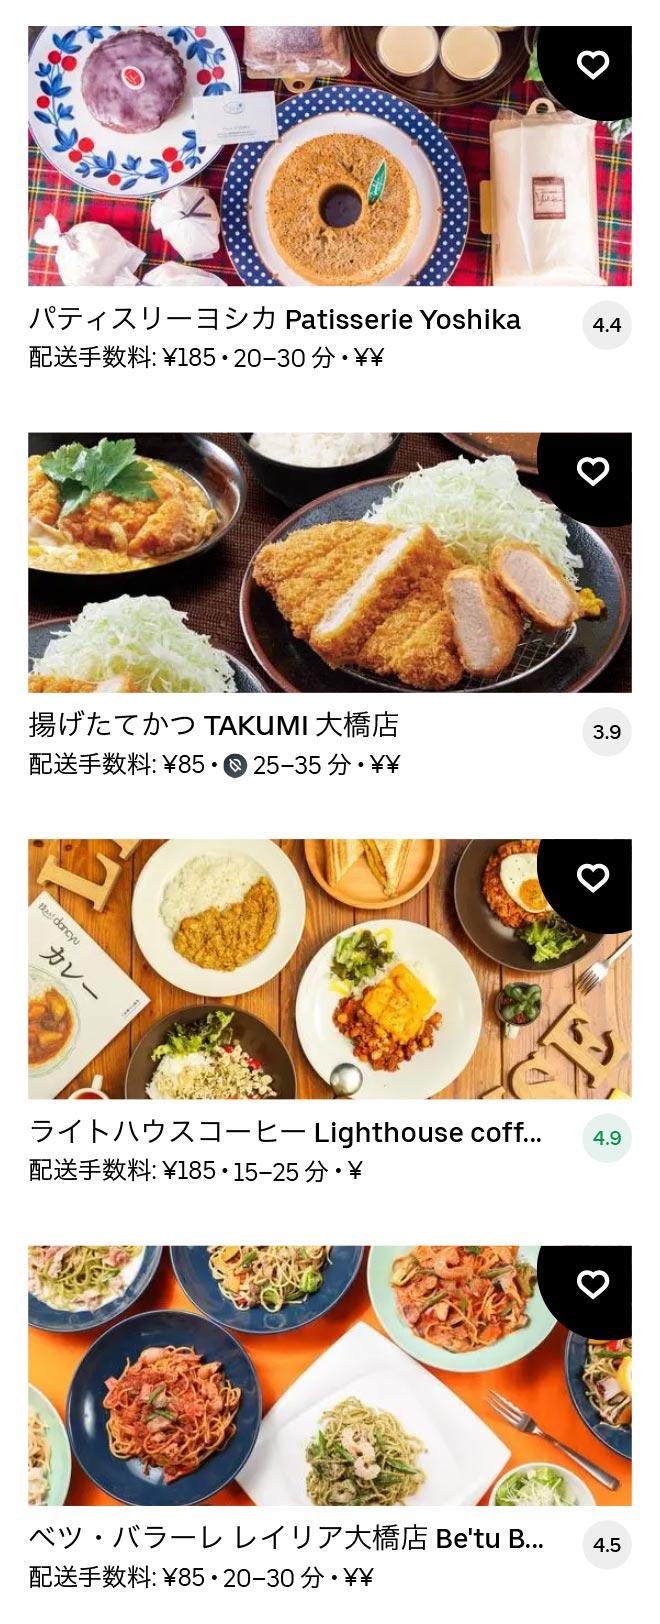 Oohashi menu 2101 11